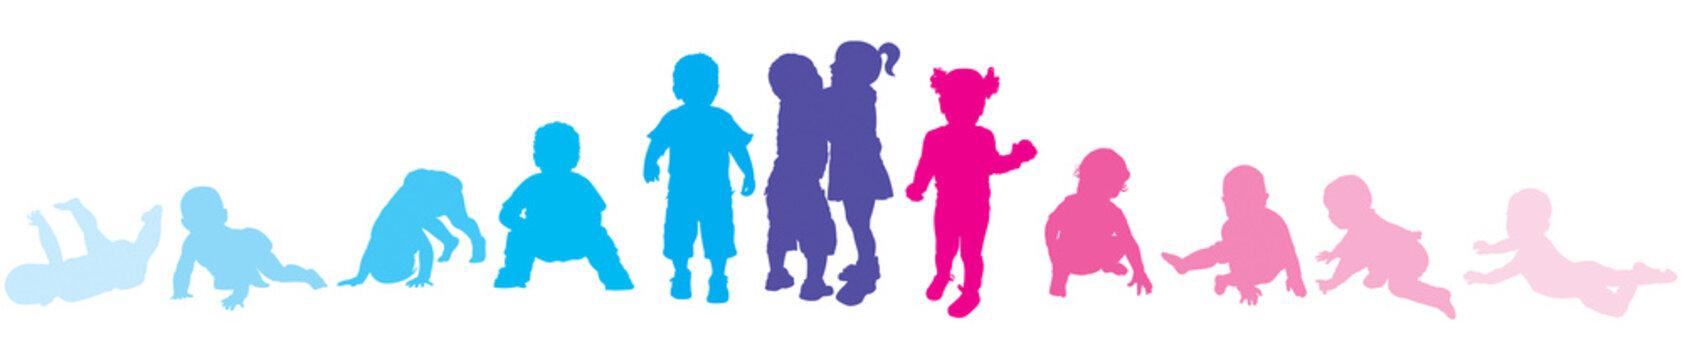 Garçons et filles : étapes de la marche